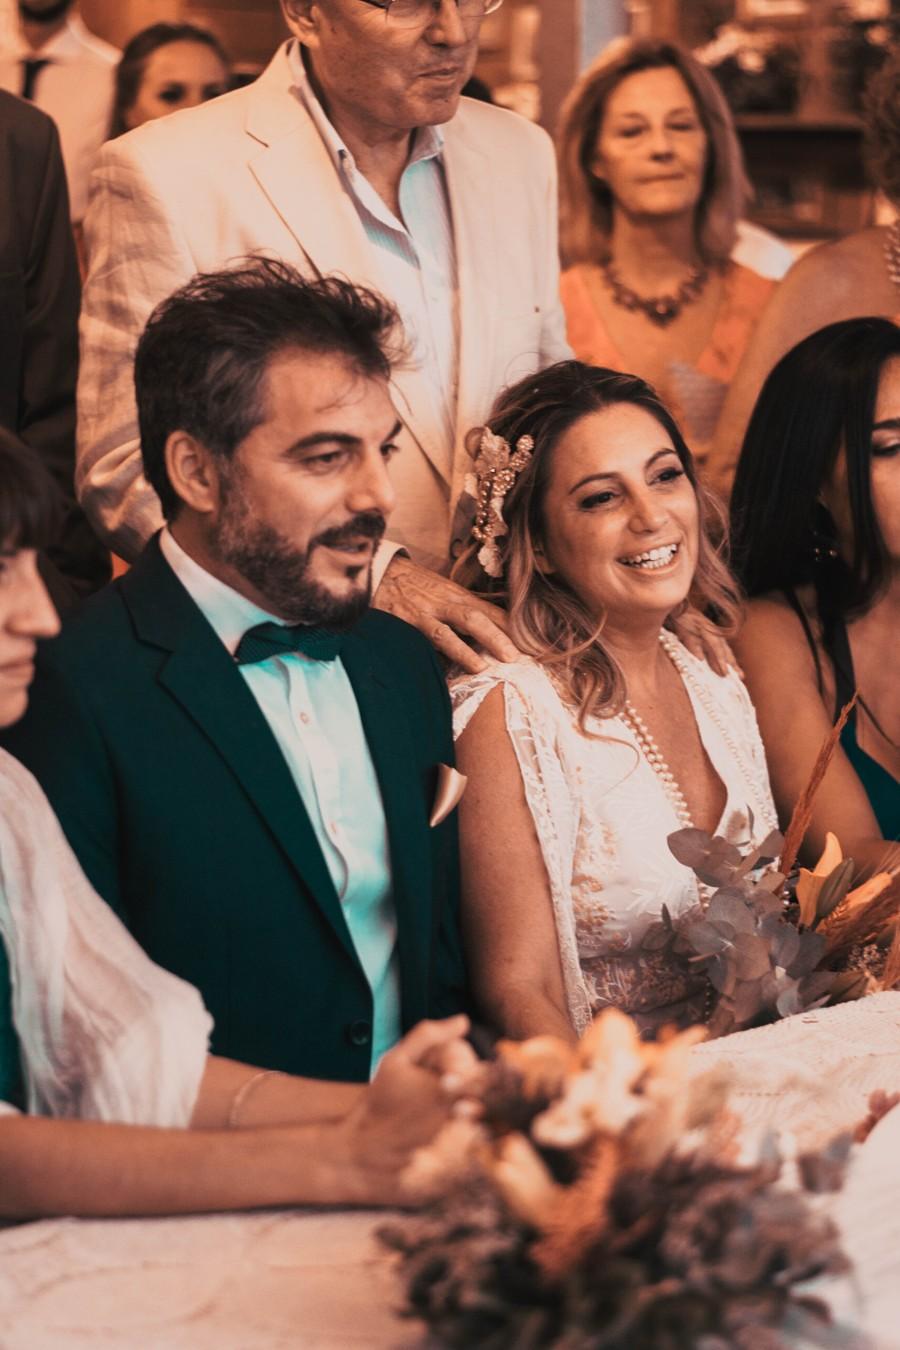 Svatební hosté zajímající se o cenu svatby.